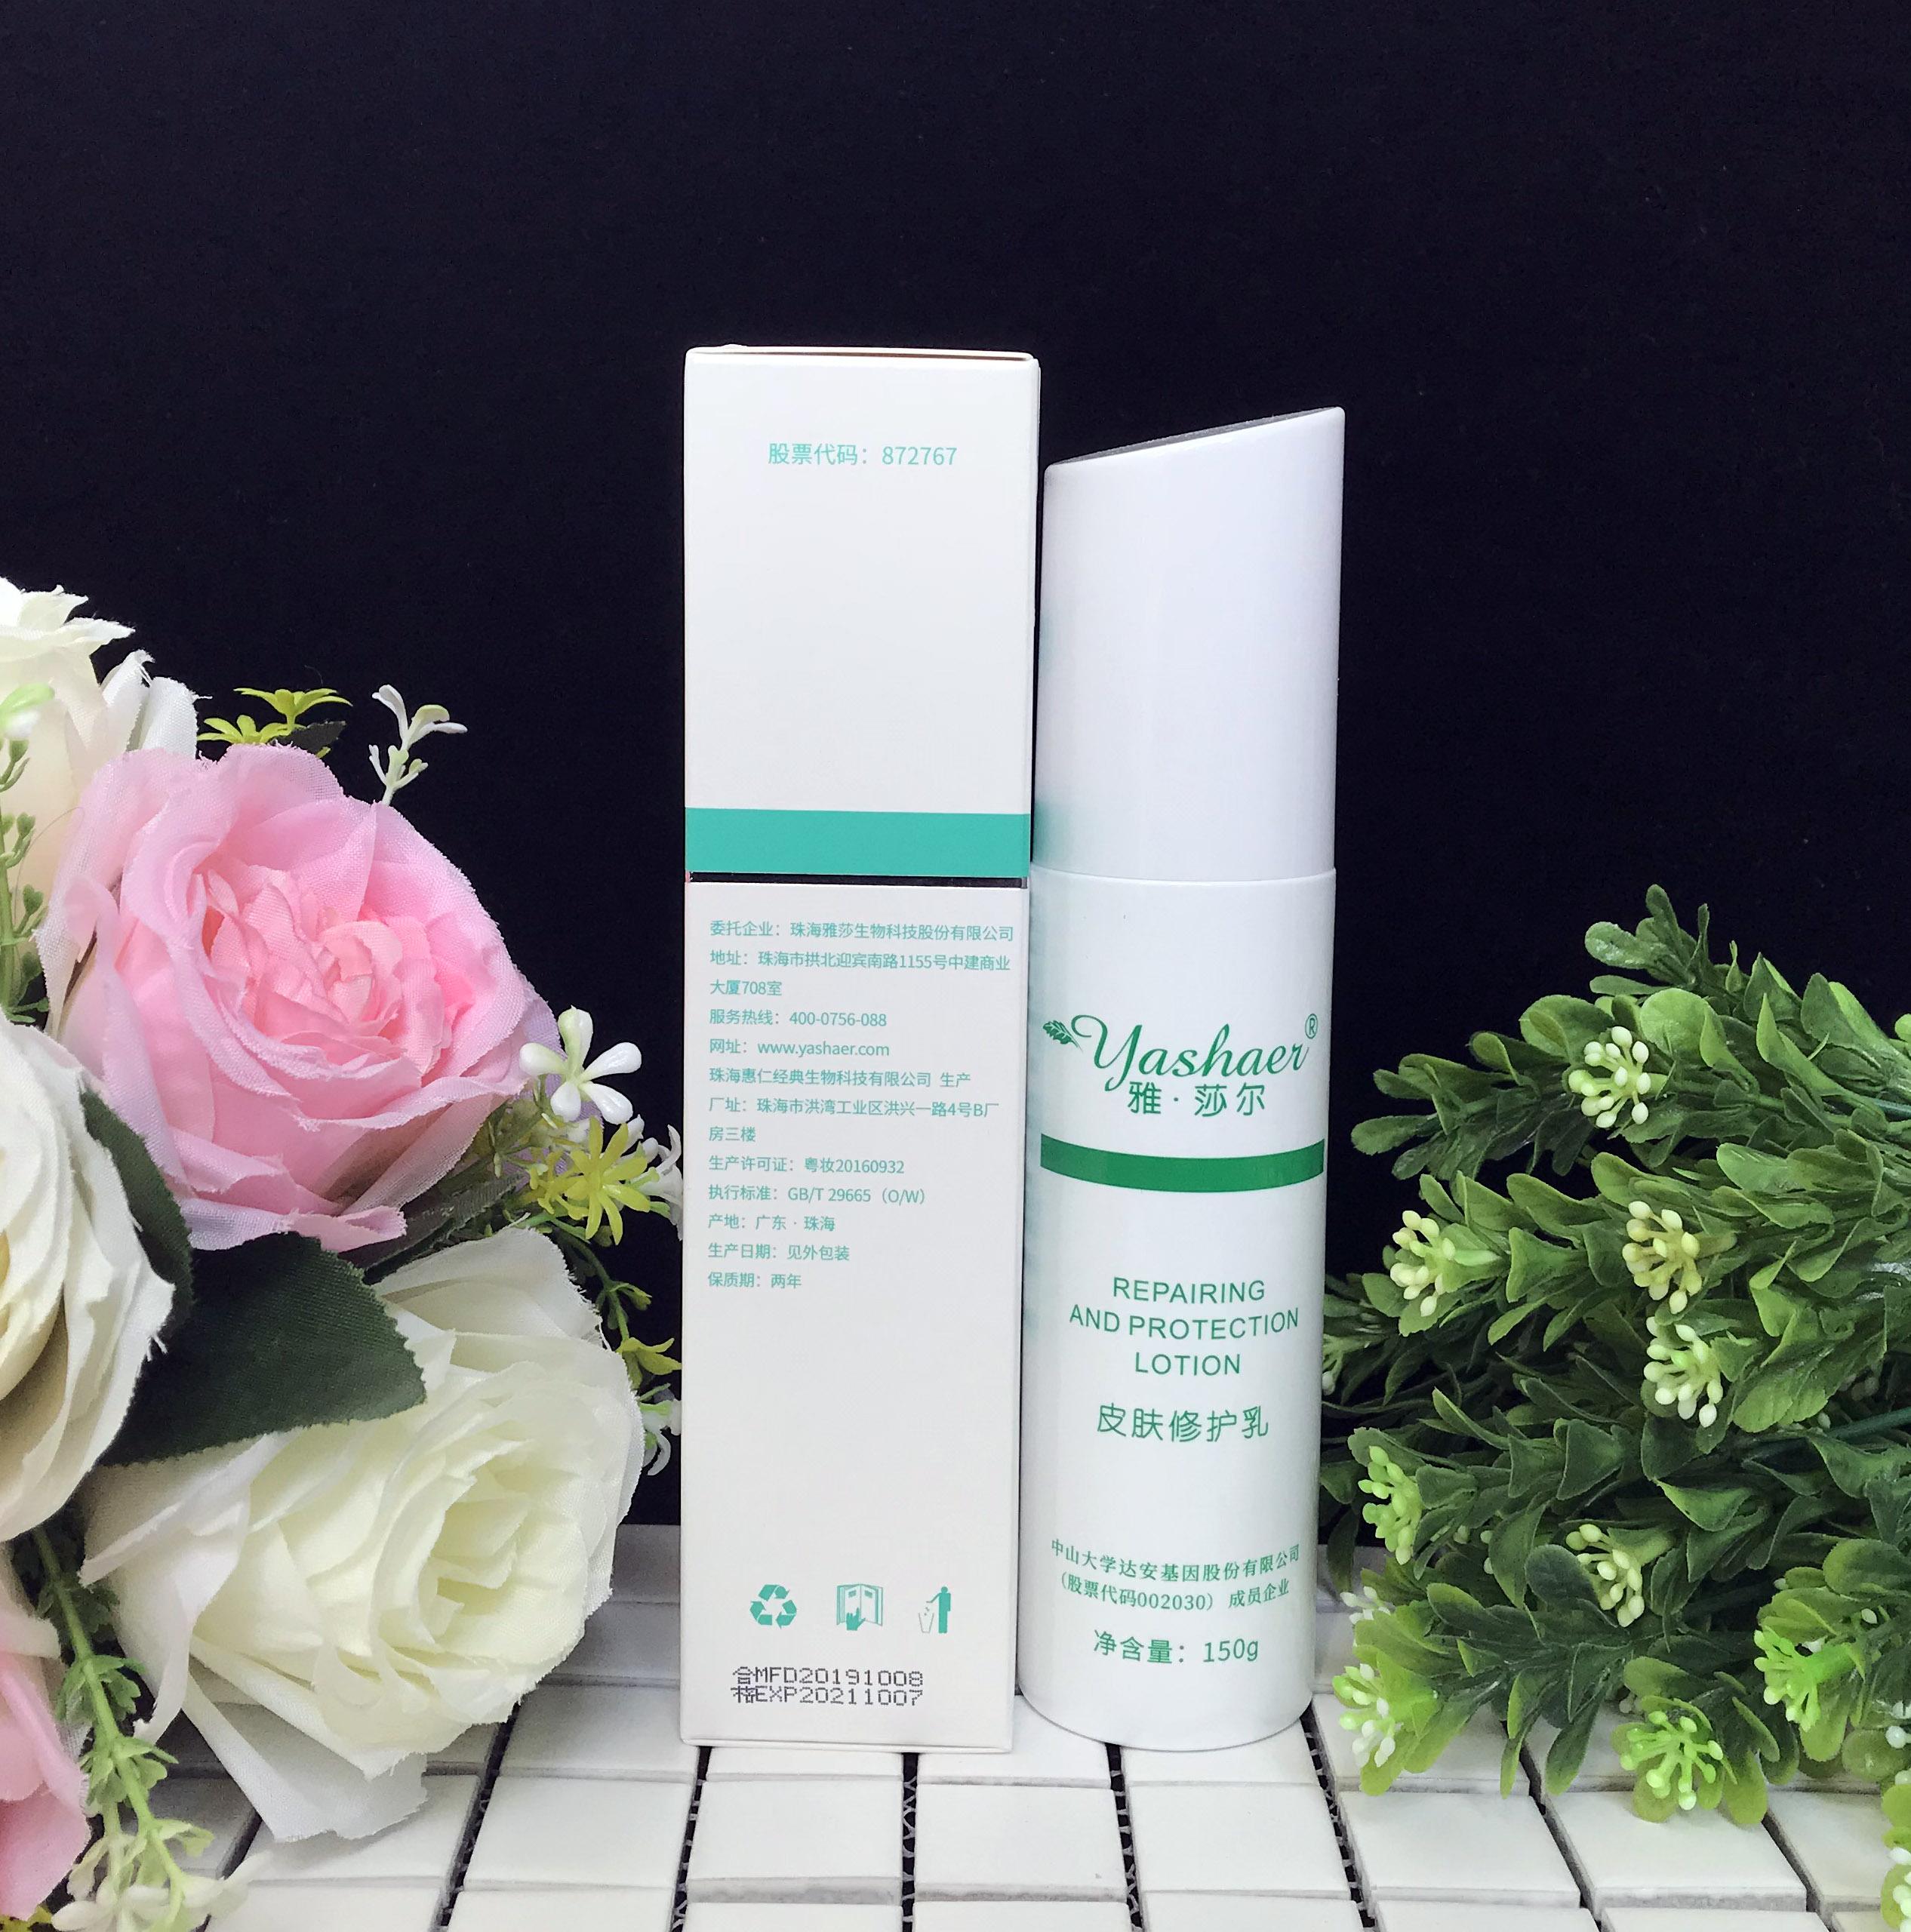 正品防伪码皮肤屏障修复乳保湿滋润舒缓 150g 雅莎尔皮肤修护乳